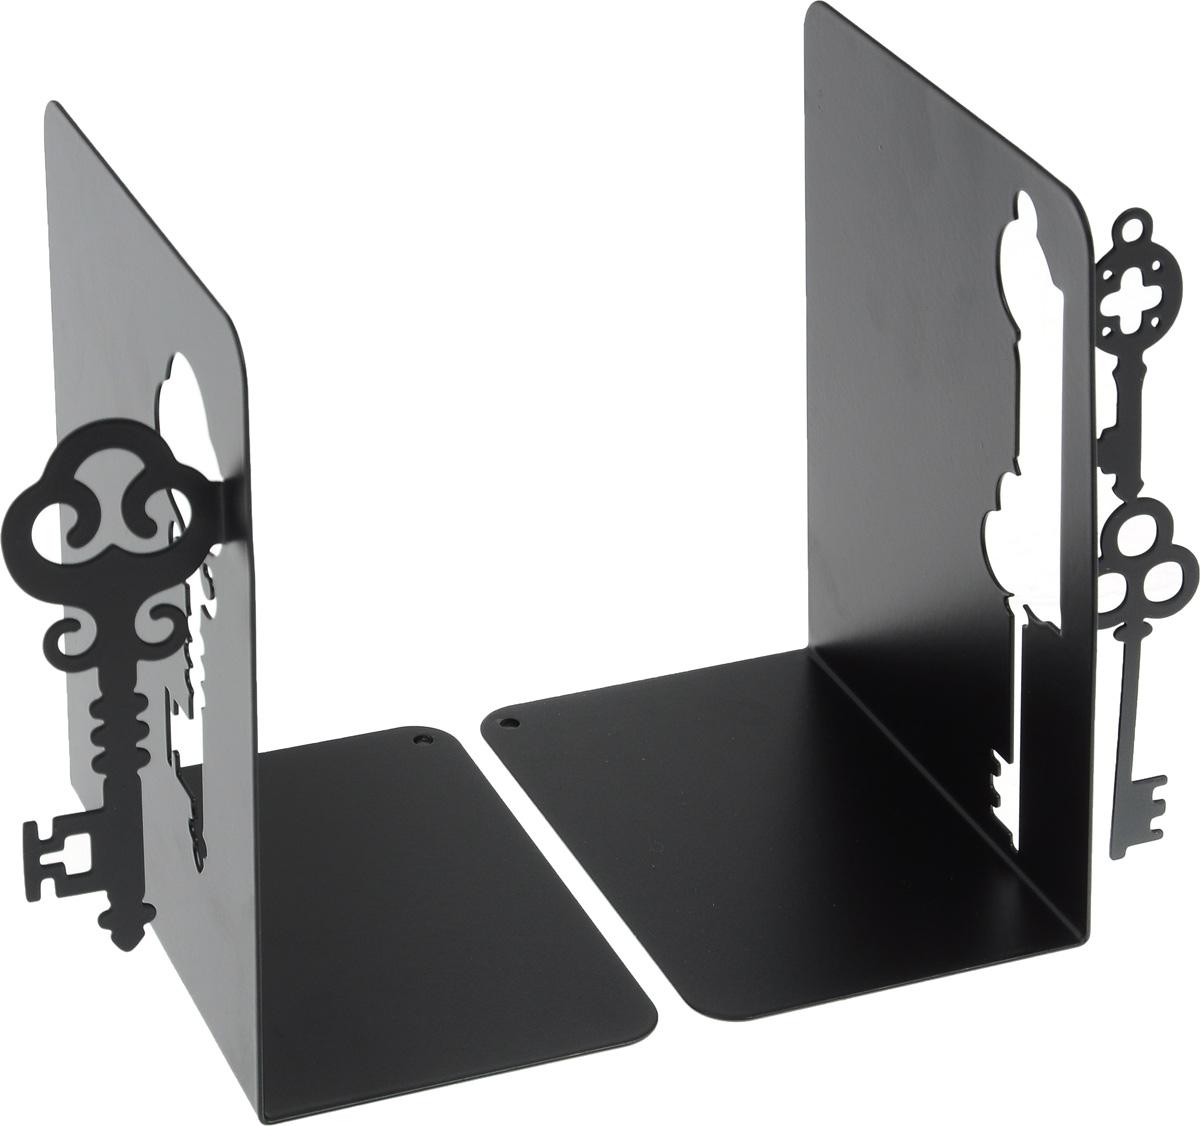 Подставка-ограничитель декоративная для книг Феникс-Презент Ключи, 2 штFS-91909Декоративная подставка-ограничитель для книг Феникс-Презент Ключи, изготовленная из металла, состоит из двух частей, с помощью которых можно подпирать книги с двух сторон. Изделия оформлены декоративными ключами. Между ограничителями можно поместить неограниченное количество книг. Подставка оснащена антискользящими подложками Подставка-ограничитель для книг Феникс-Презент Ключи - это не только подставка, но и интересный элемент декора, который ярко дополнит интерьер помещения. Размер подставок-ограничителей: 15 х 12 х 15 см.Комплектация: 2 шт.